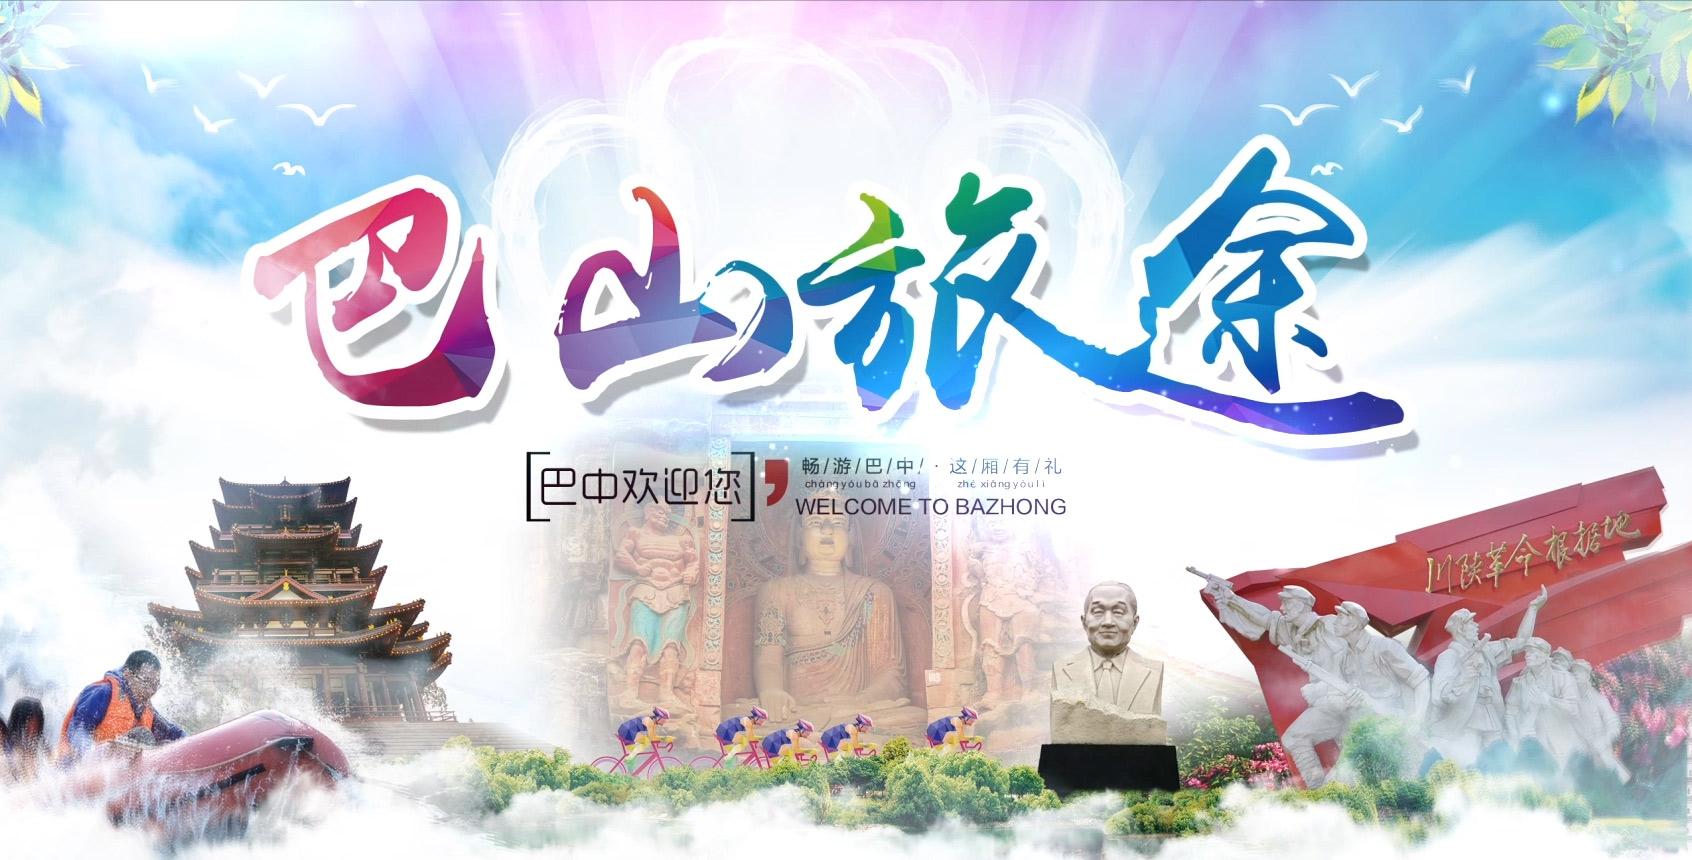 巴中文旅宣传片《巴山旅途》